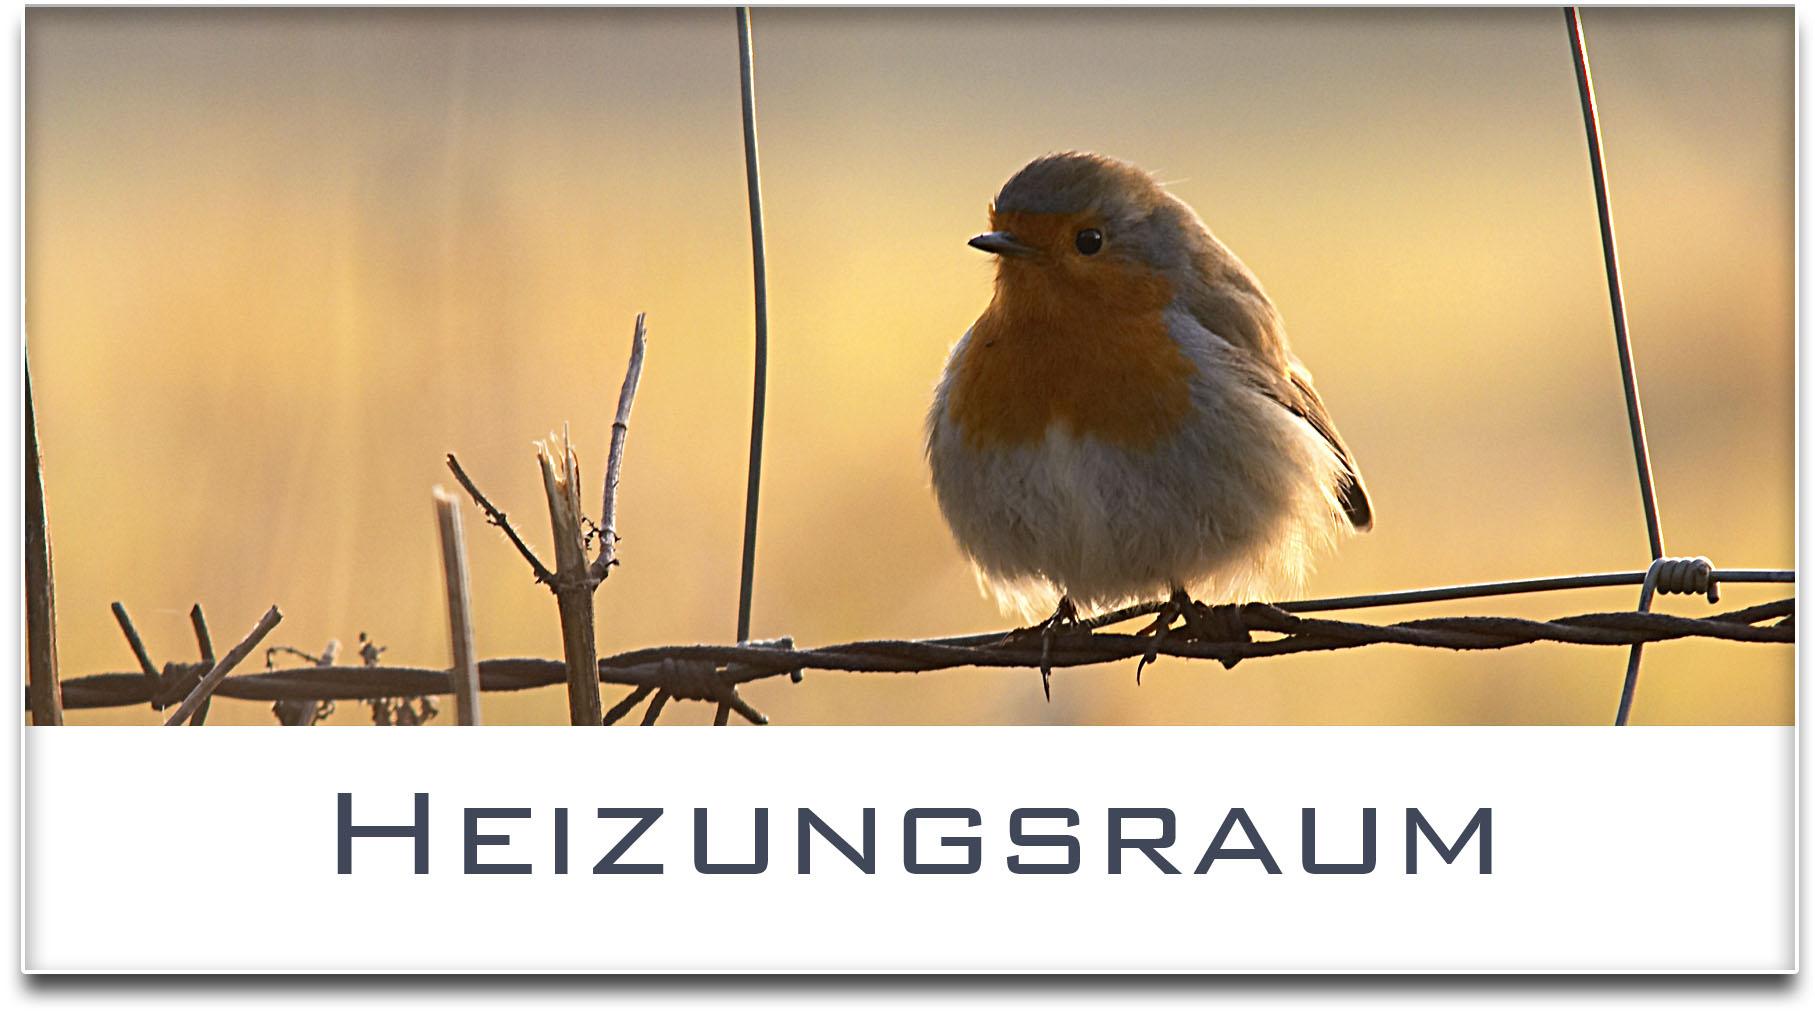 Türschild / Haustürschild / Rotkehlchen / Heizungsraum / Selbstklebend